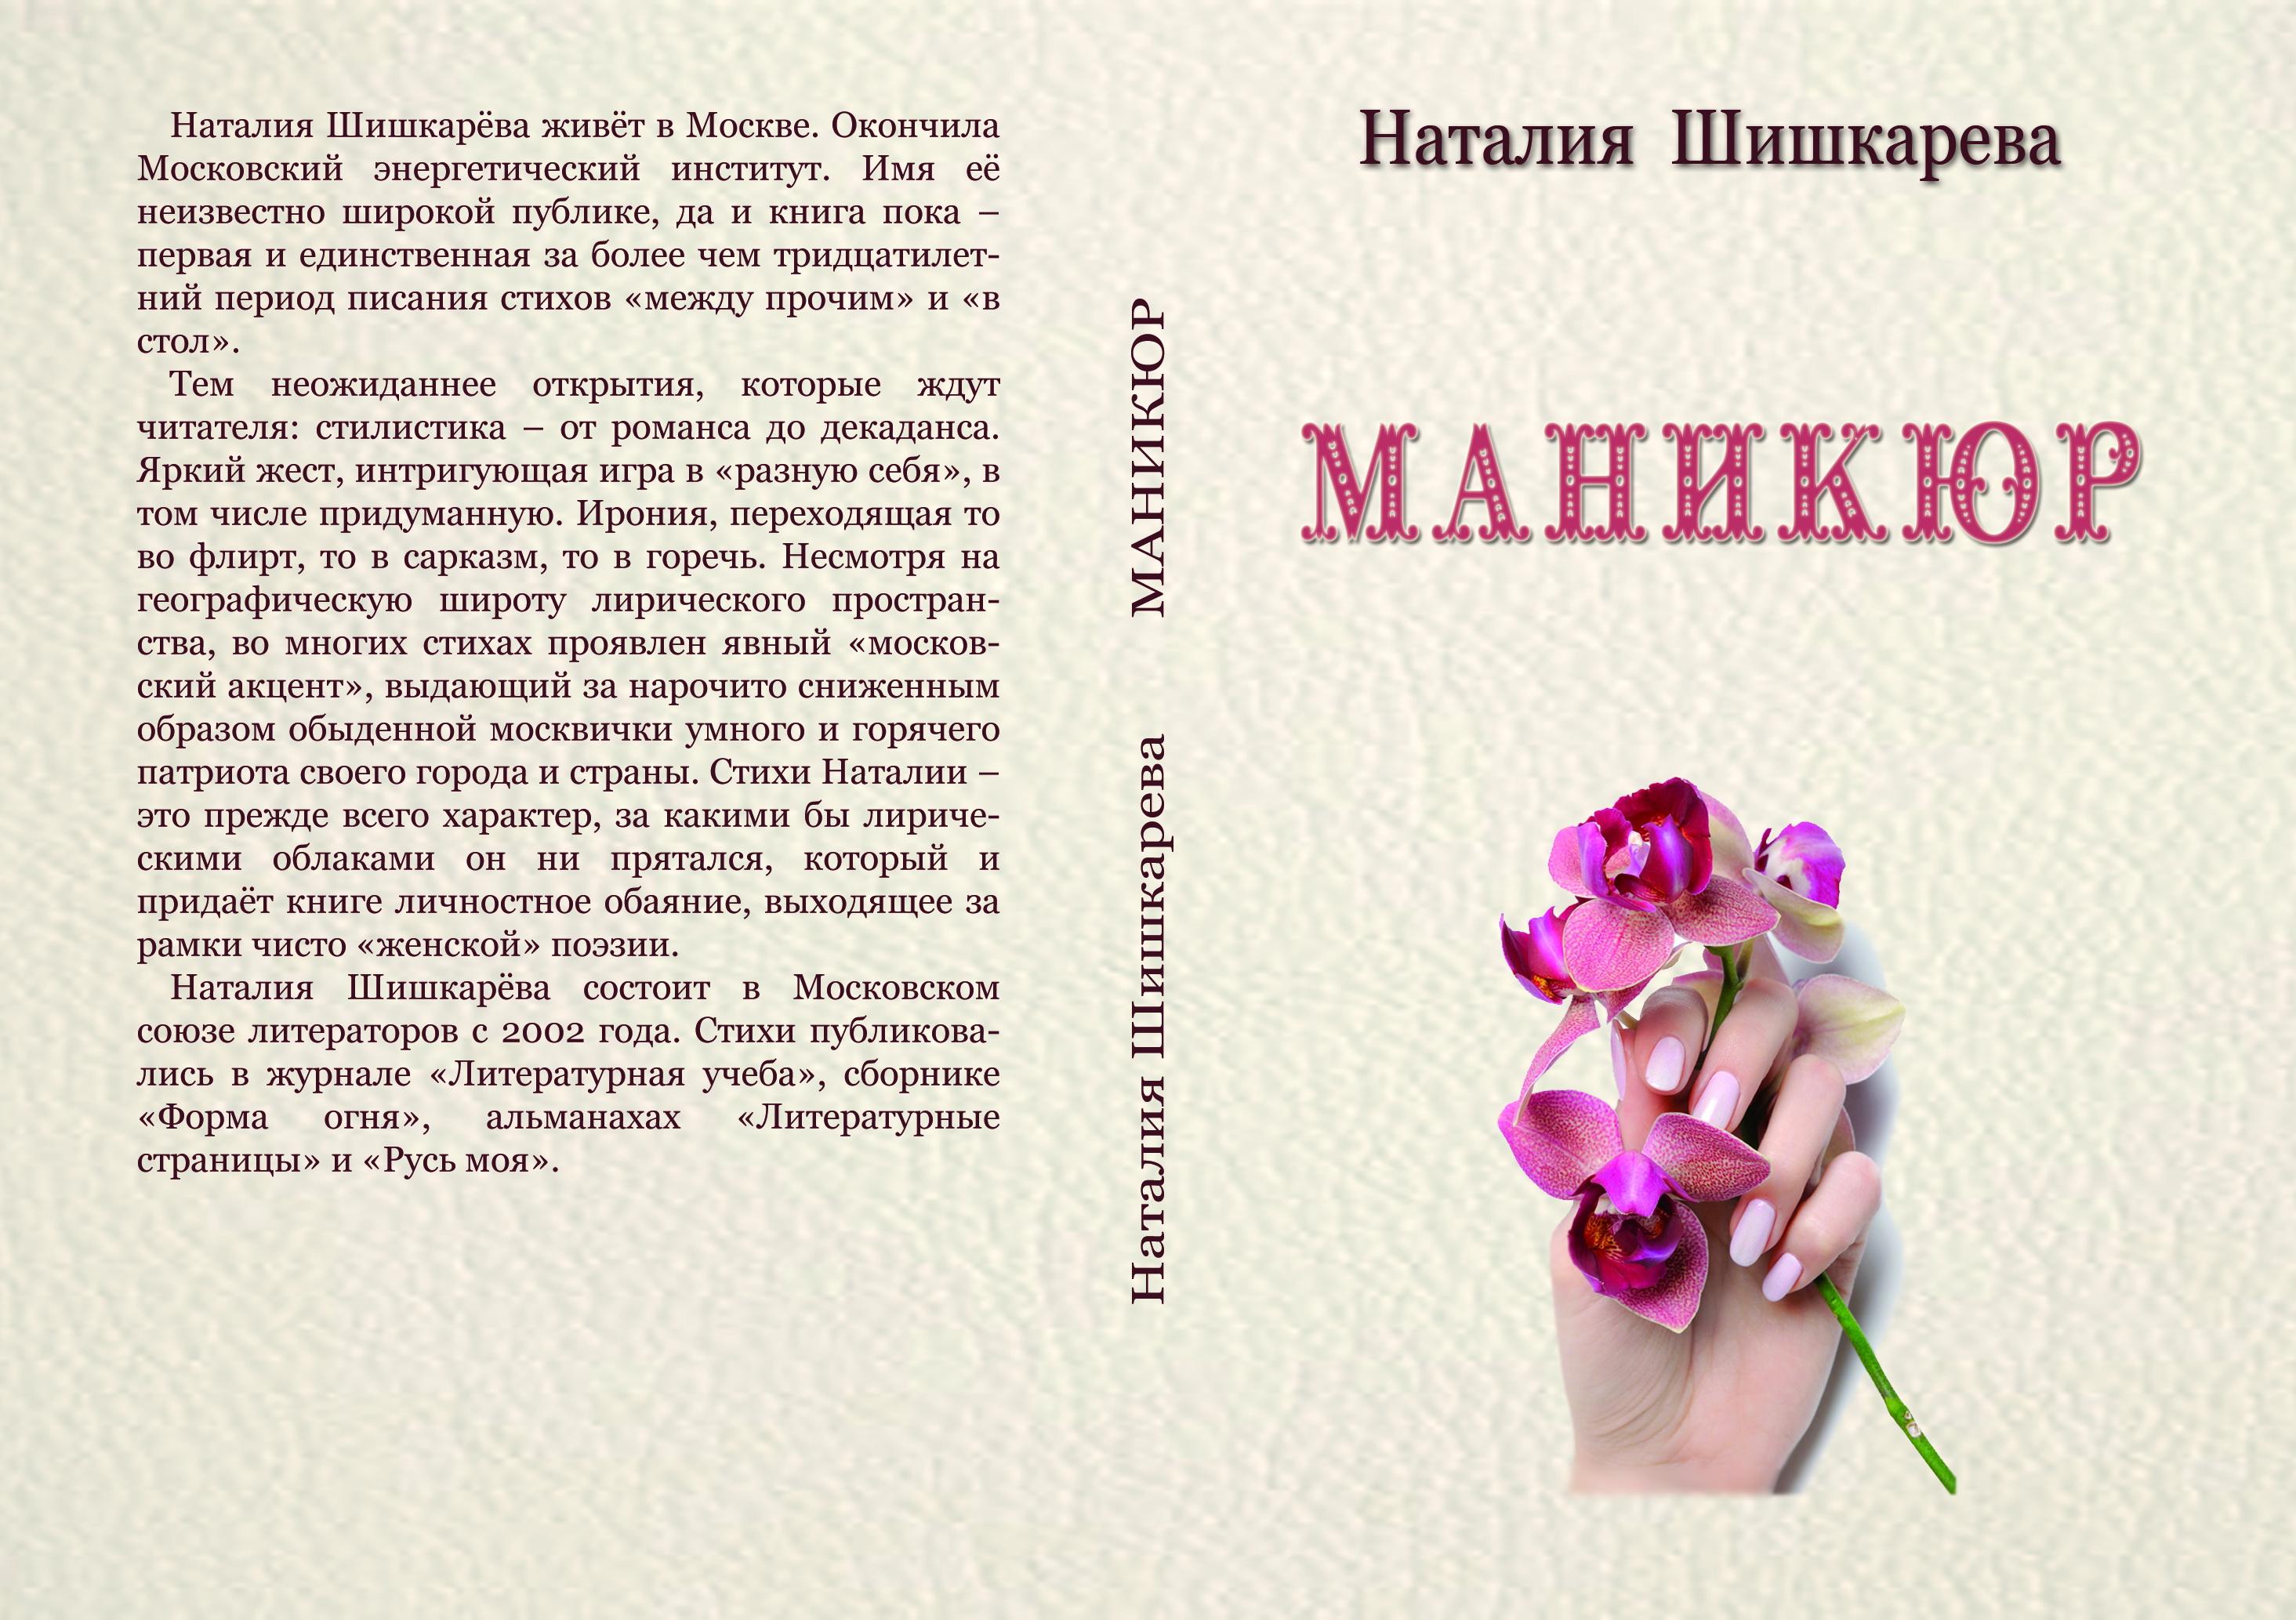 Наталия Шишкарева